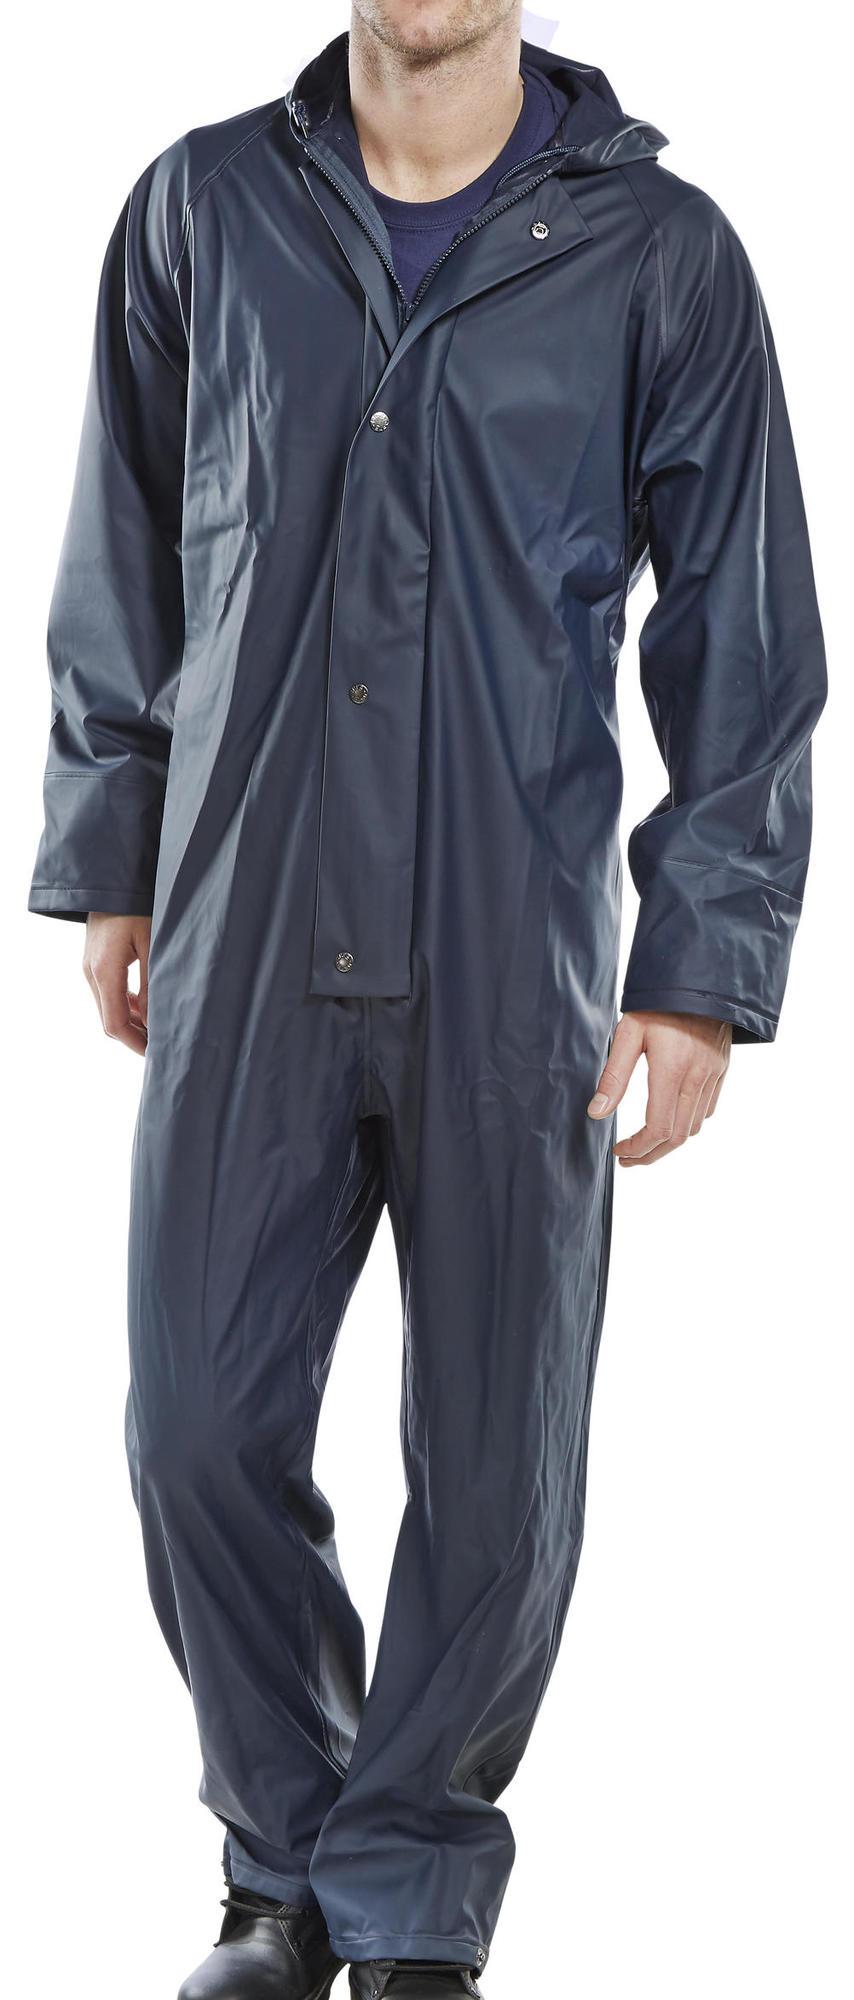 Αδιάβροχη ολόσωμη φόρμα Super B-Dri